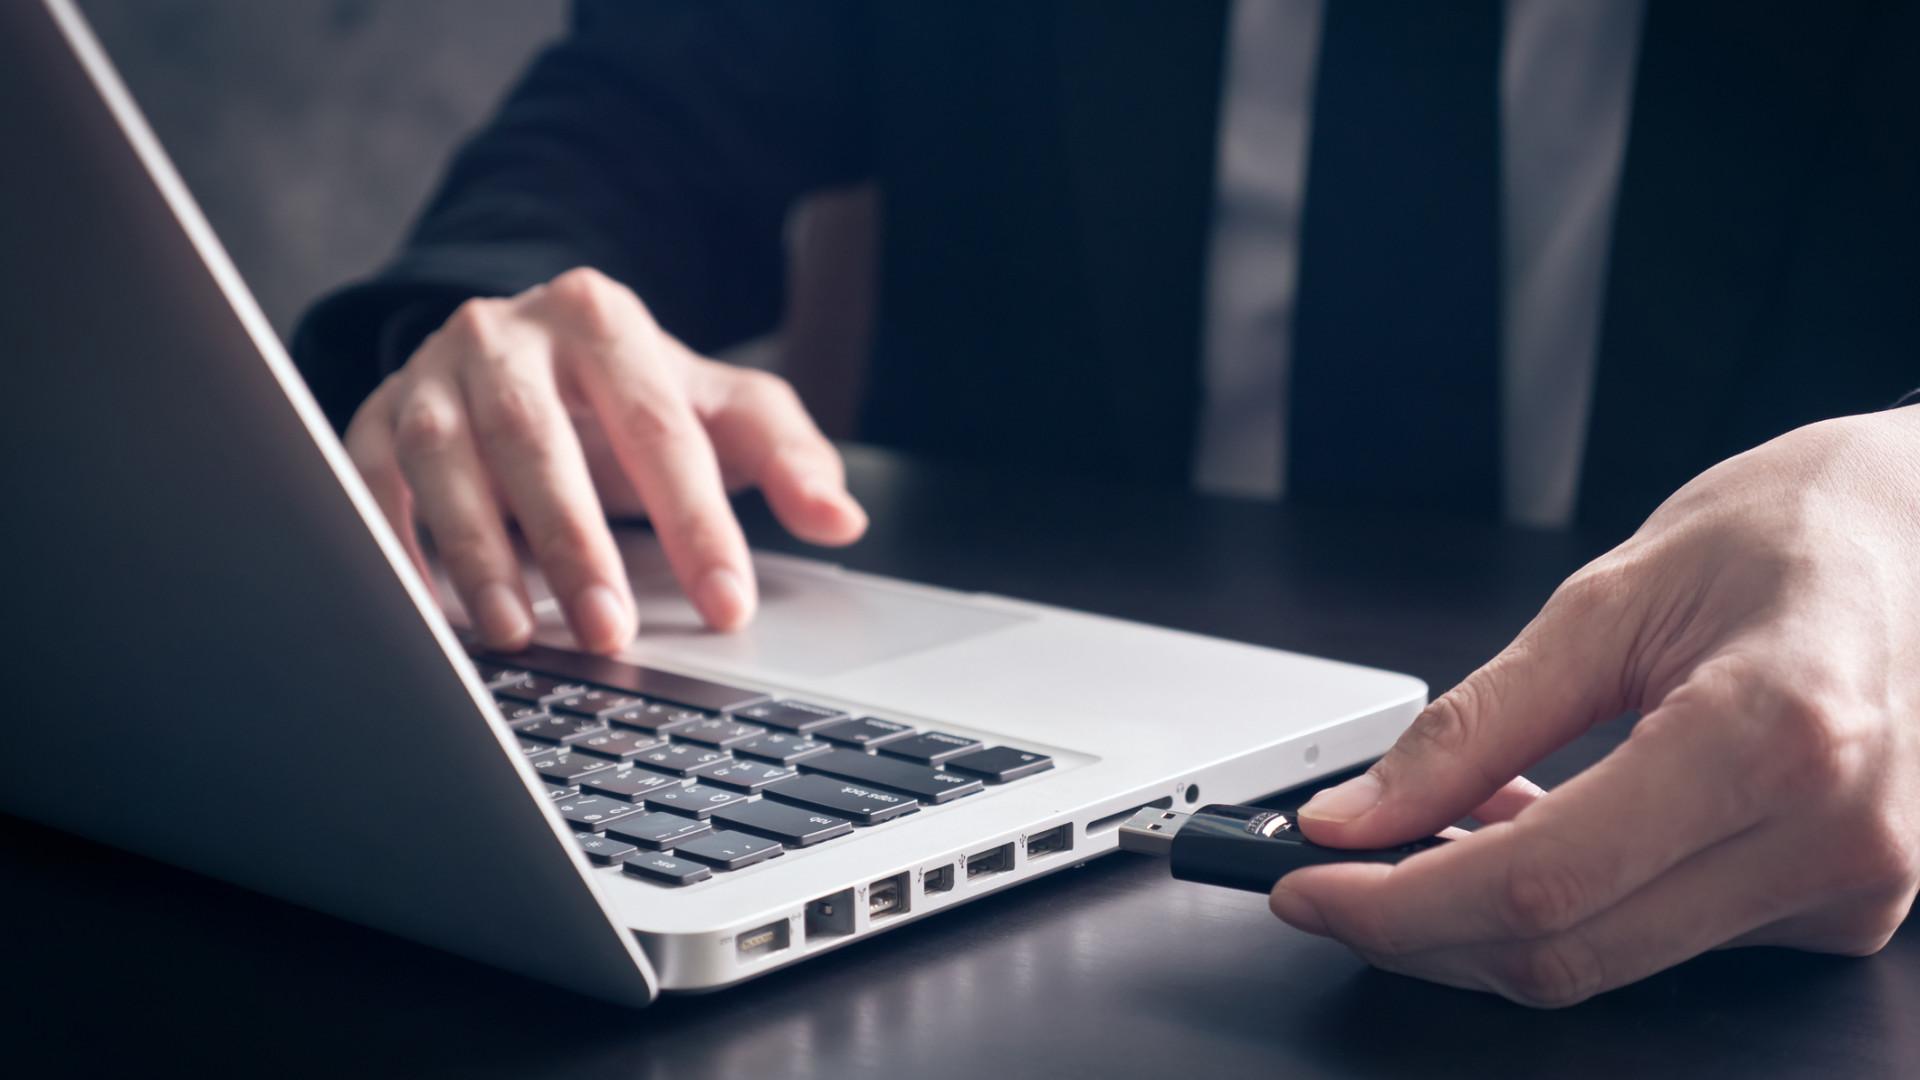 Tira a pen USB sem avisar? Pode querer mudar este hábito